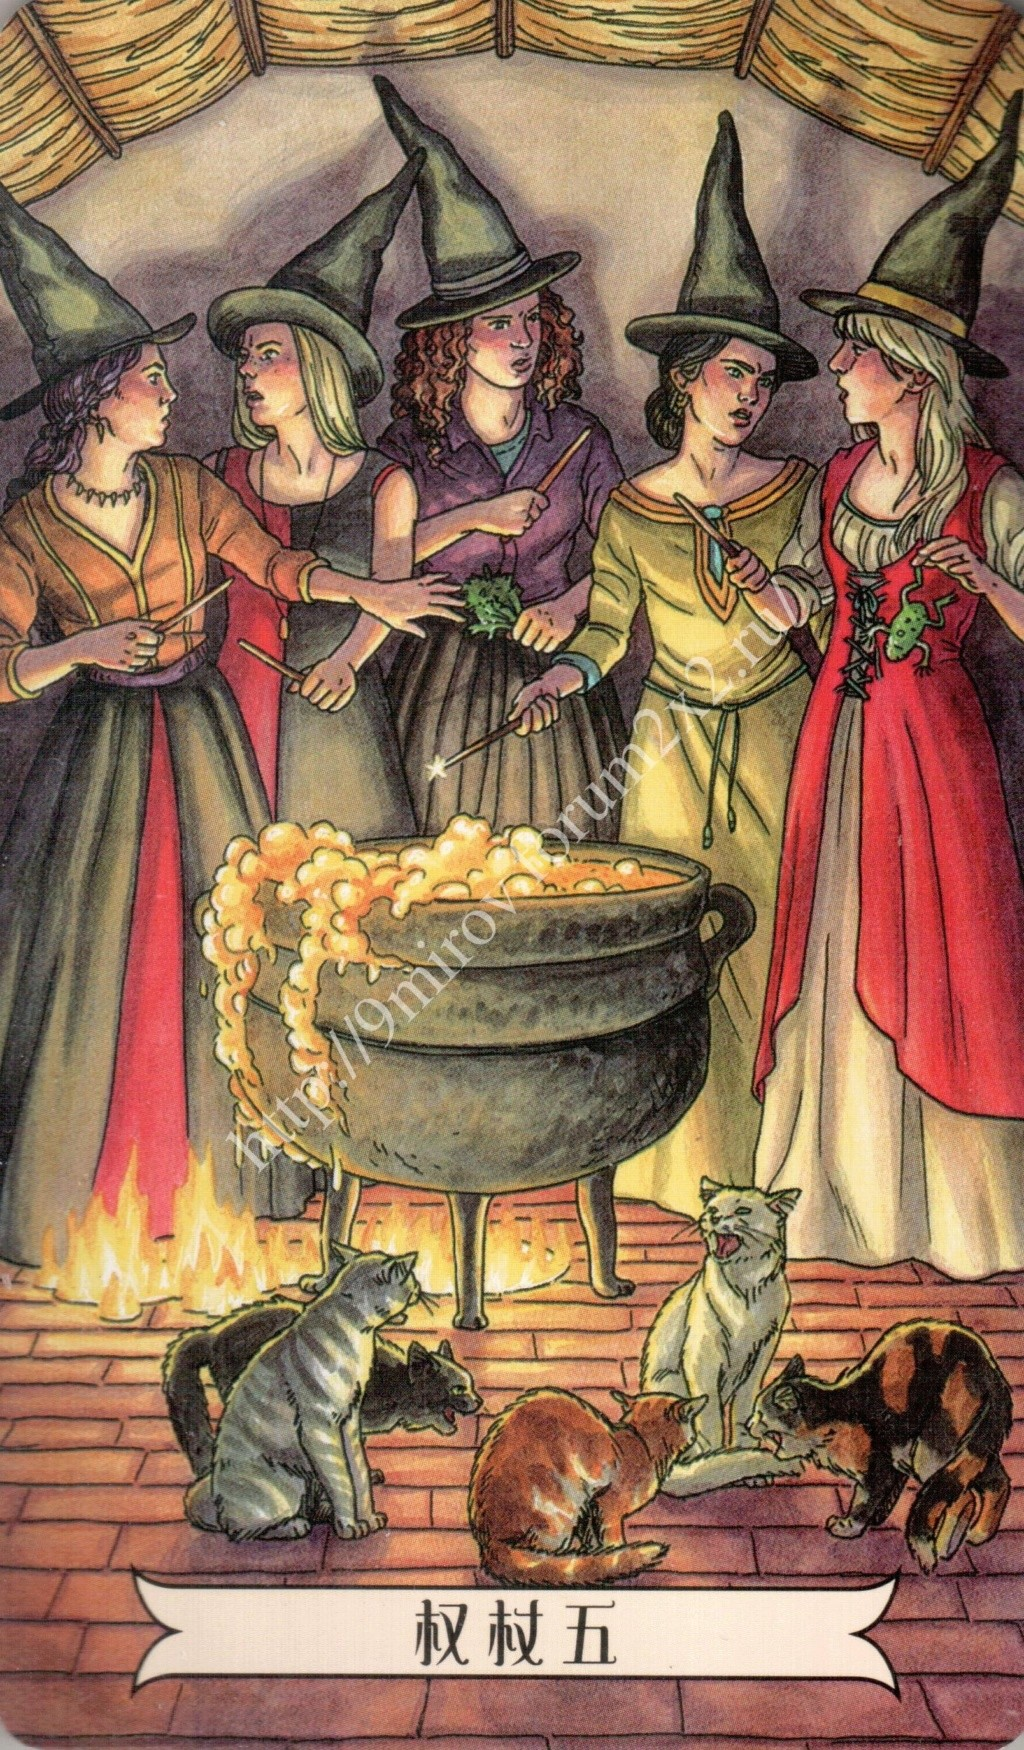 """""""Ведьма каждый день"""" (Ведьма день за днем, Everyday Witch Tarot). Китайская версия. Галерея.   Waterm49"""